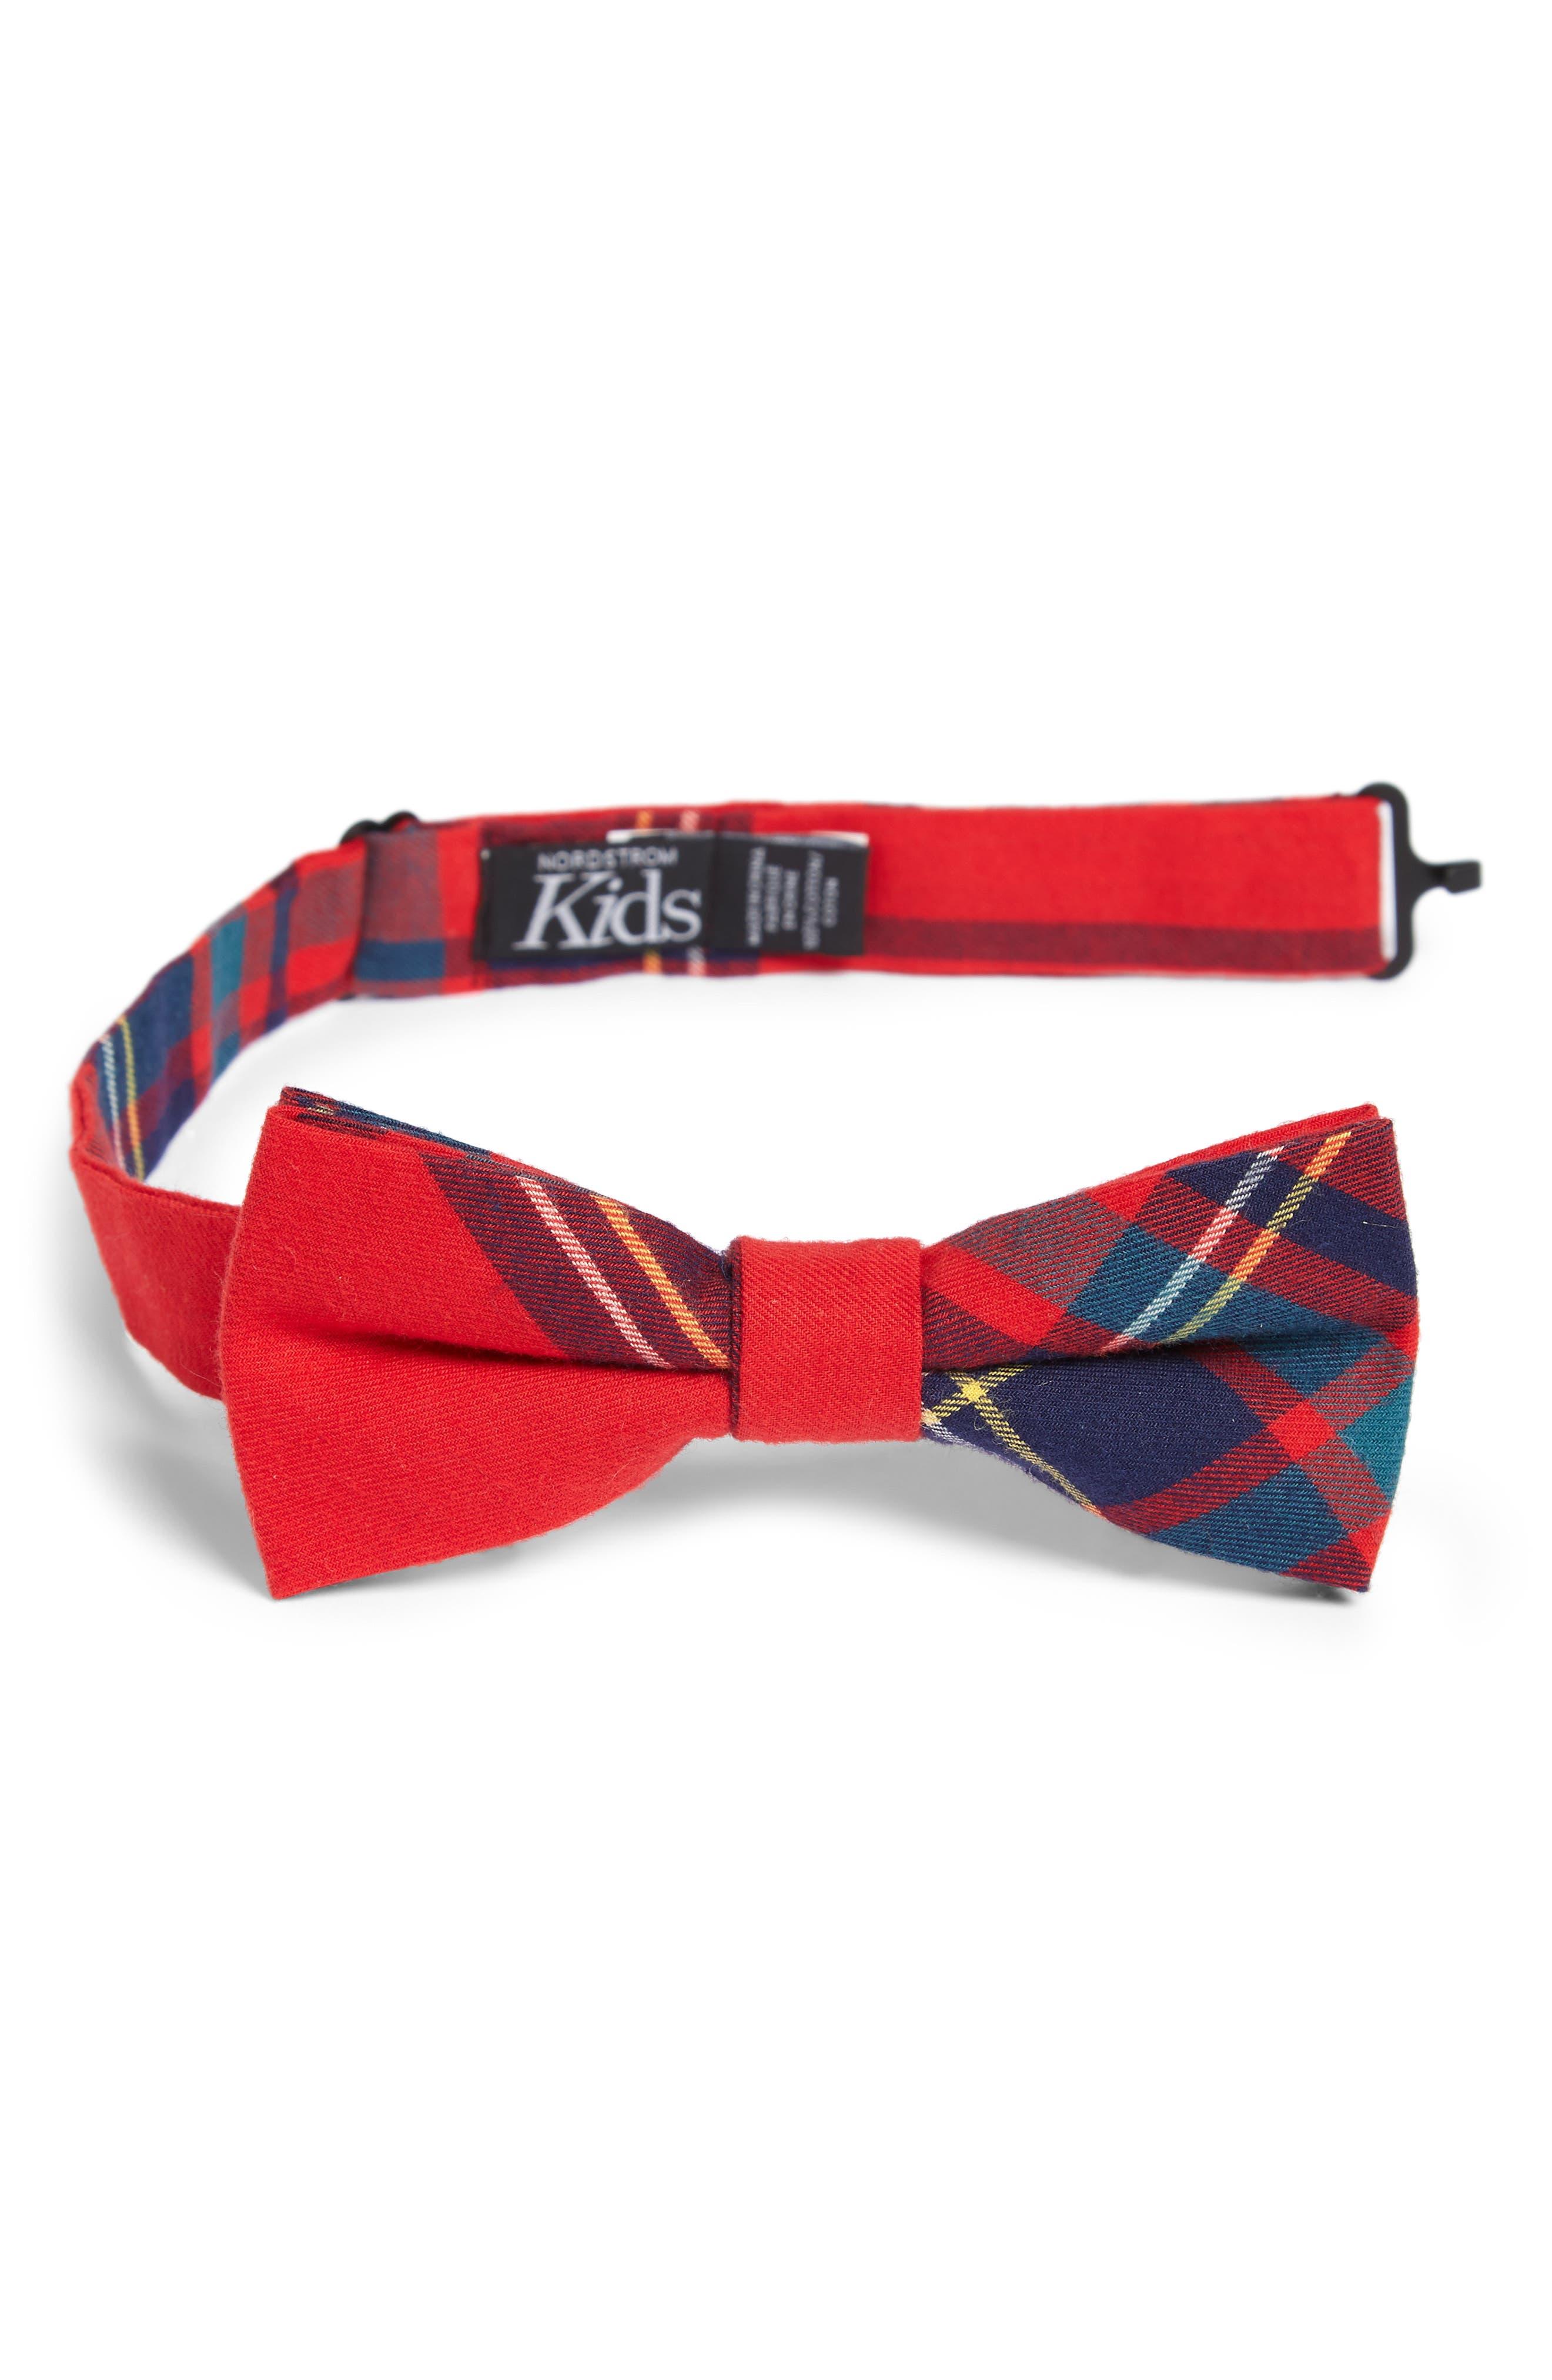 Plaid Cotton Bow Tie,                             Main thumbnail 1, color,                             600